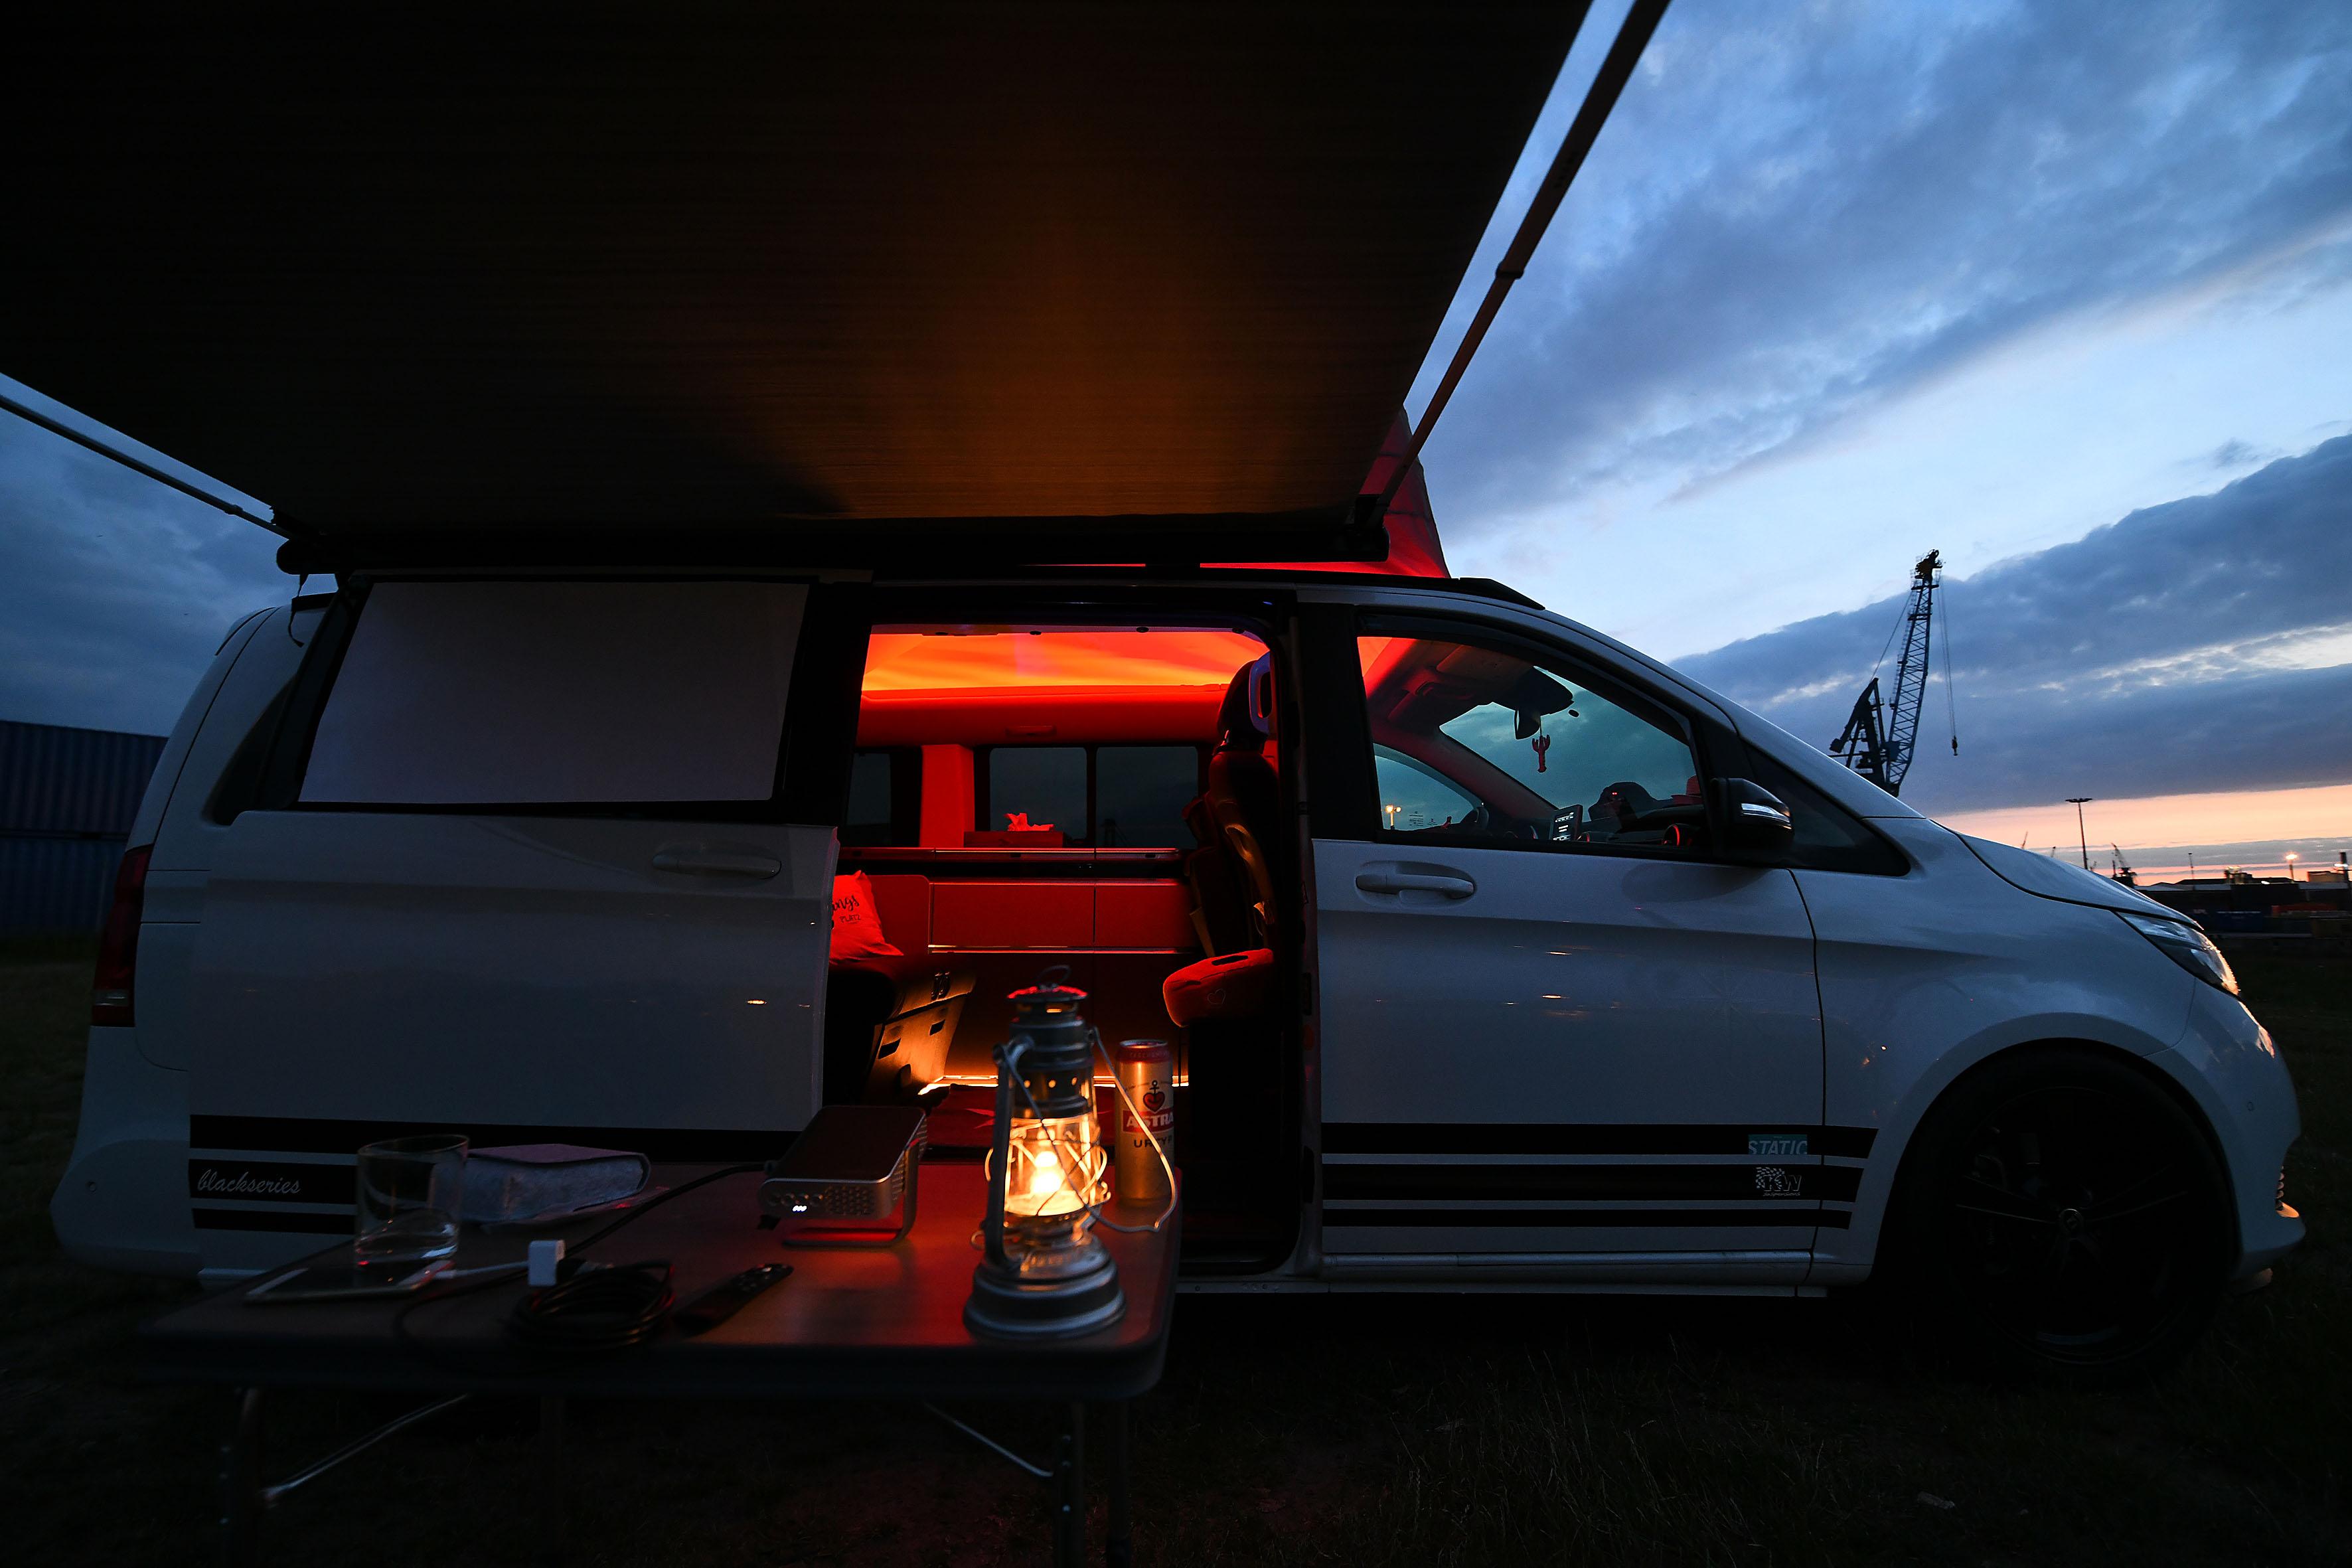 Foto: Michael B. Rehders Während die Leinwand bereits auf der Scheibe der Schiebetür montiert ist, wird der ViewSonic M1+ vor dem offenen Camper-Van aufgebaut.